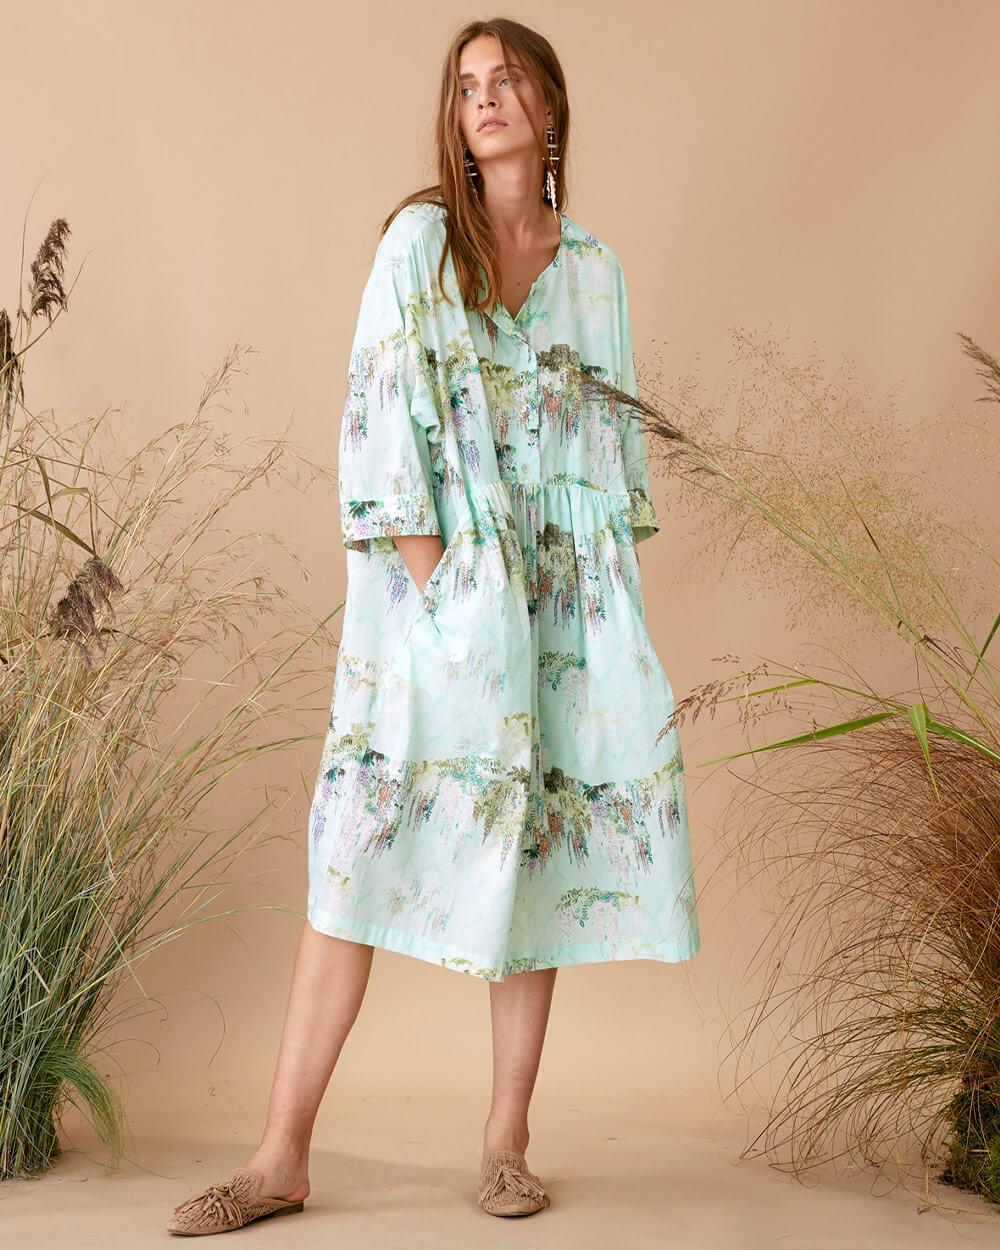 Wardrobe of Tomorrow boho style clothing stores like Anthropologie